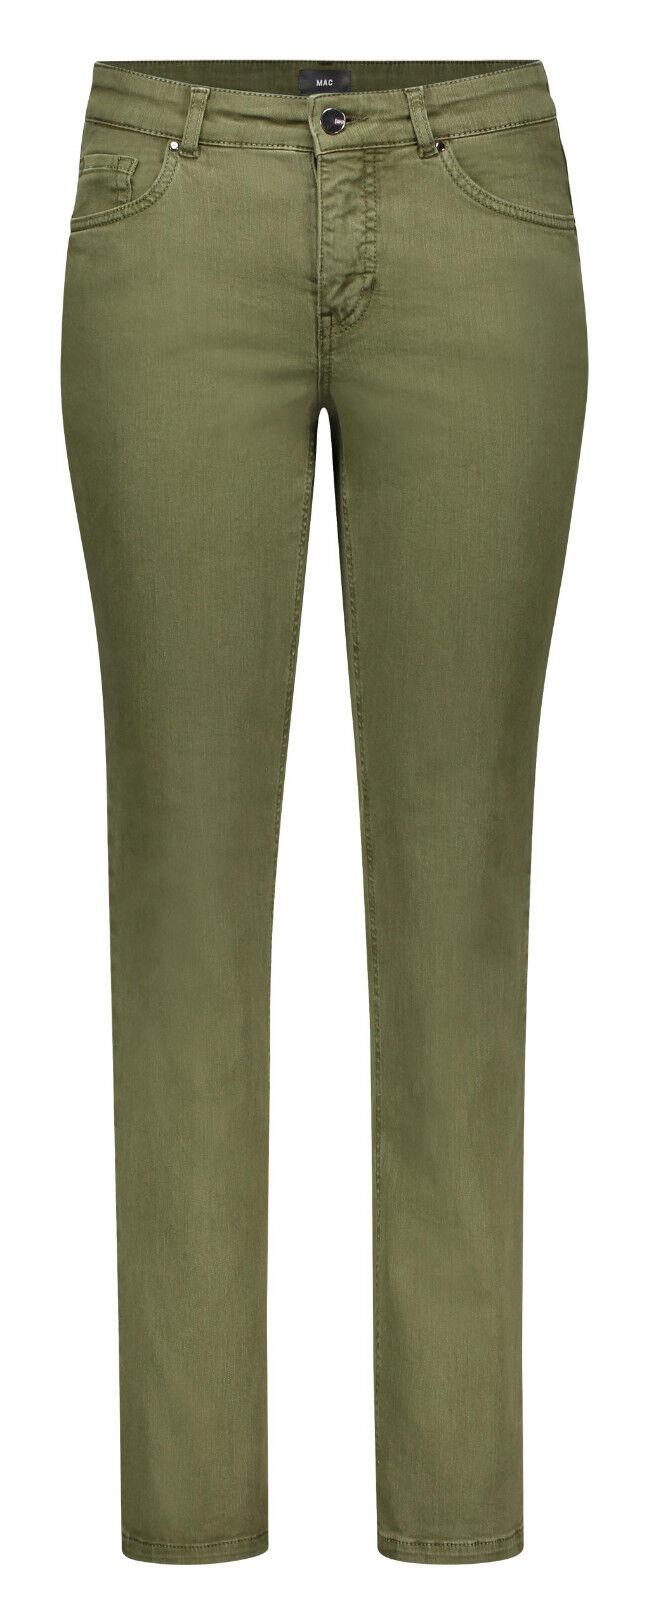 MAC Damen Jeans Melanie 5040 NEU military Grün 348R